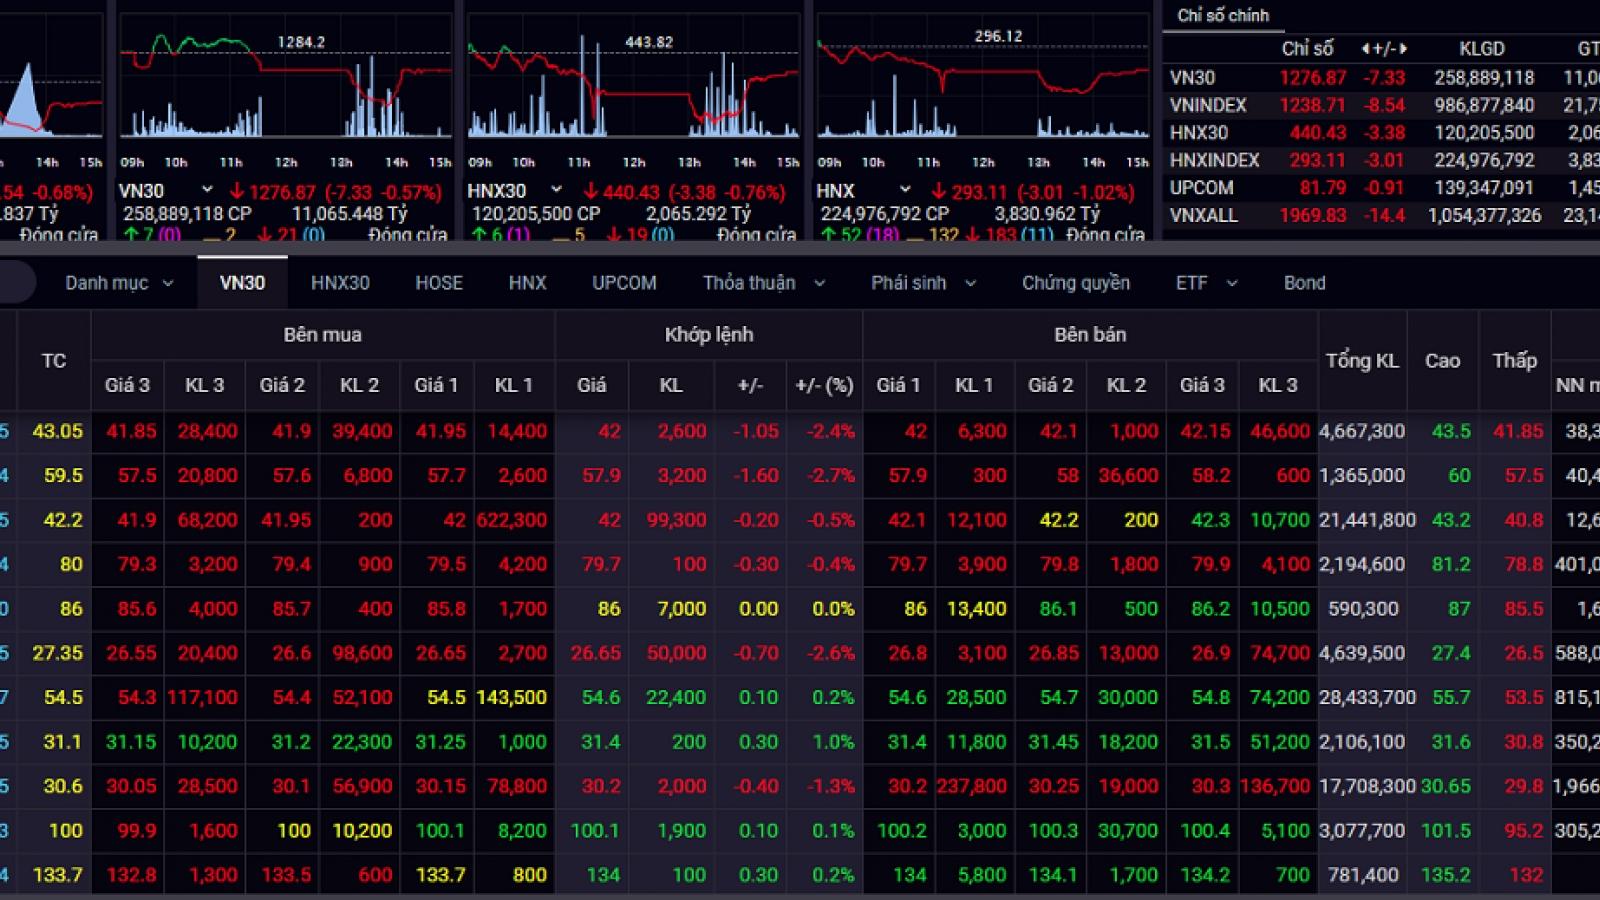 Áp lực bán tháo đột ngột tăng mạnh, VN-Index giảm sâu trong phiên giao dịch cuối tuần